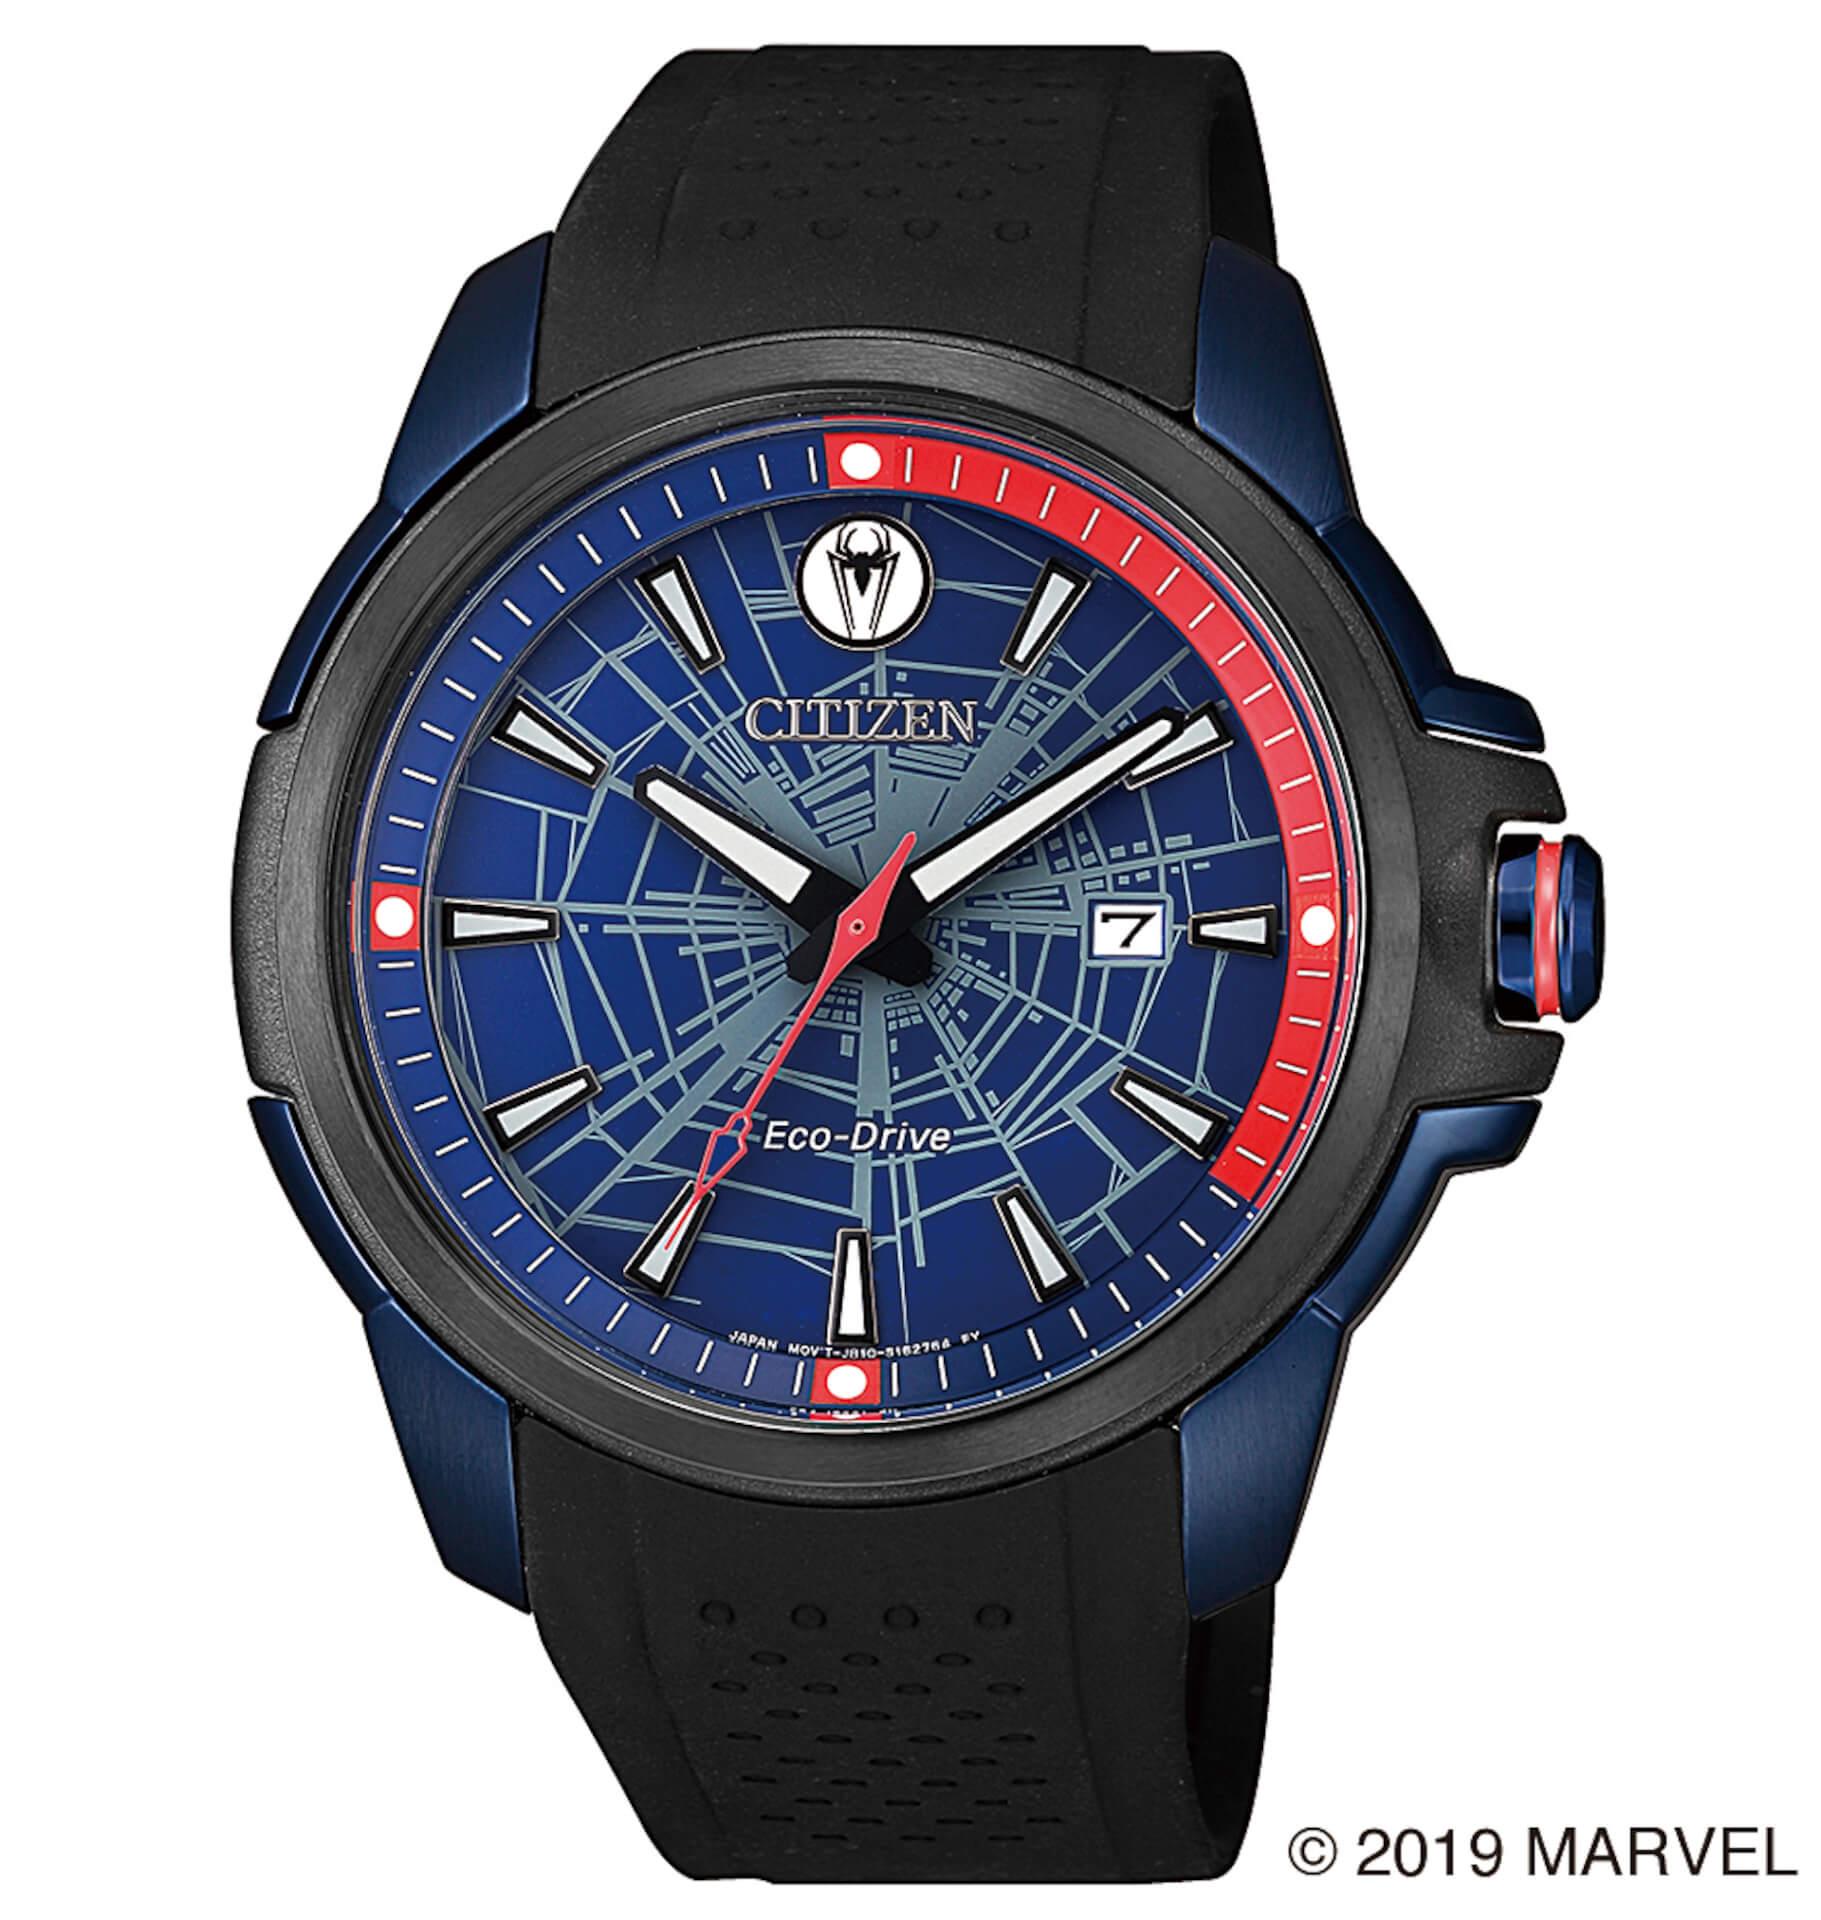 「スパイダーマン」や「キャプテン・アメリカ」が腕時計に!マーベルキャラクターをモチーフにしたシチズン腕時計全9モデルが登場 tech190919_marvel_watch_11